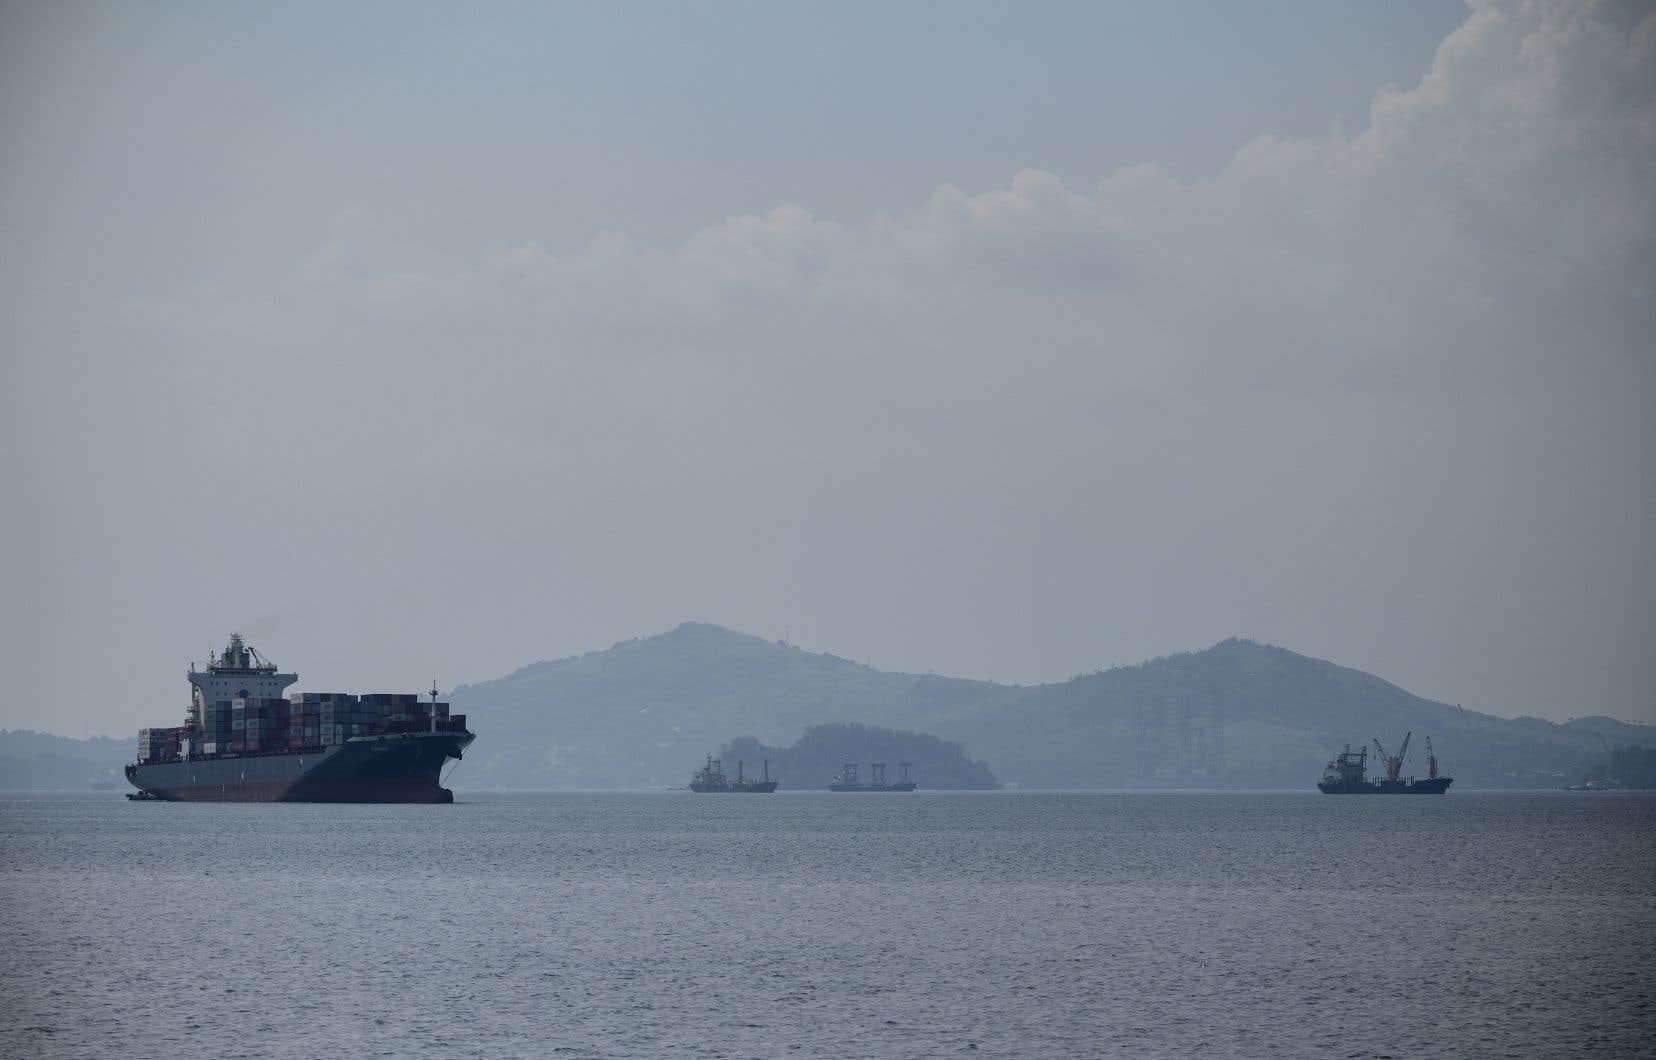 Le porte-conteneurs MV Bavaria, un navire chargé renvoyer des tonnes de déchets au Canada, arrive à Subic Bay International Terminal Corporation sur le port de Subic, au nord de Manille, le 30 mai 2019.